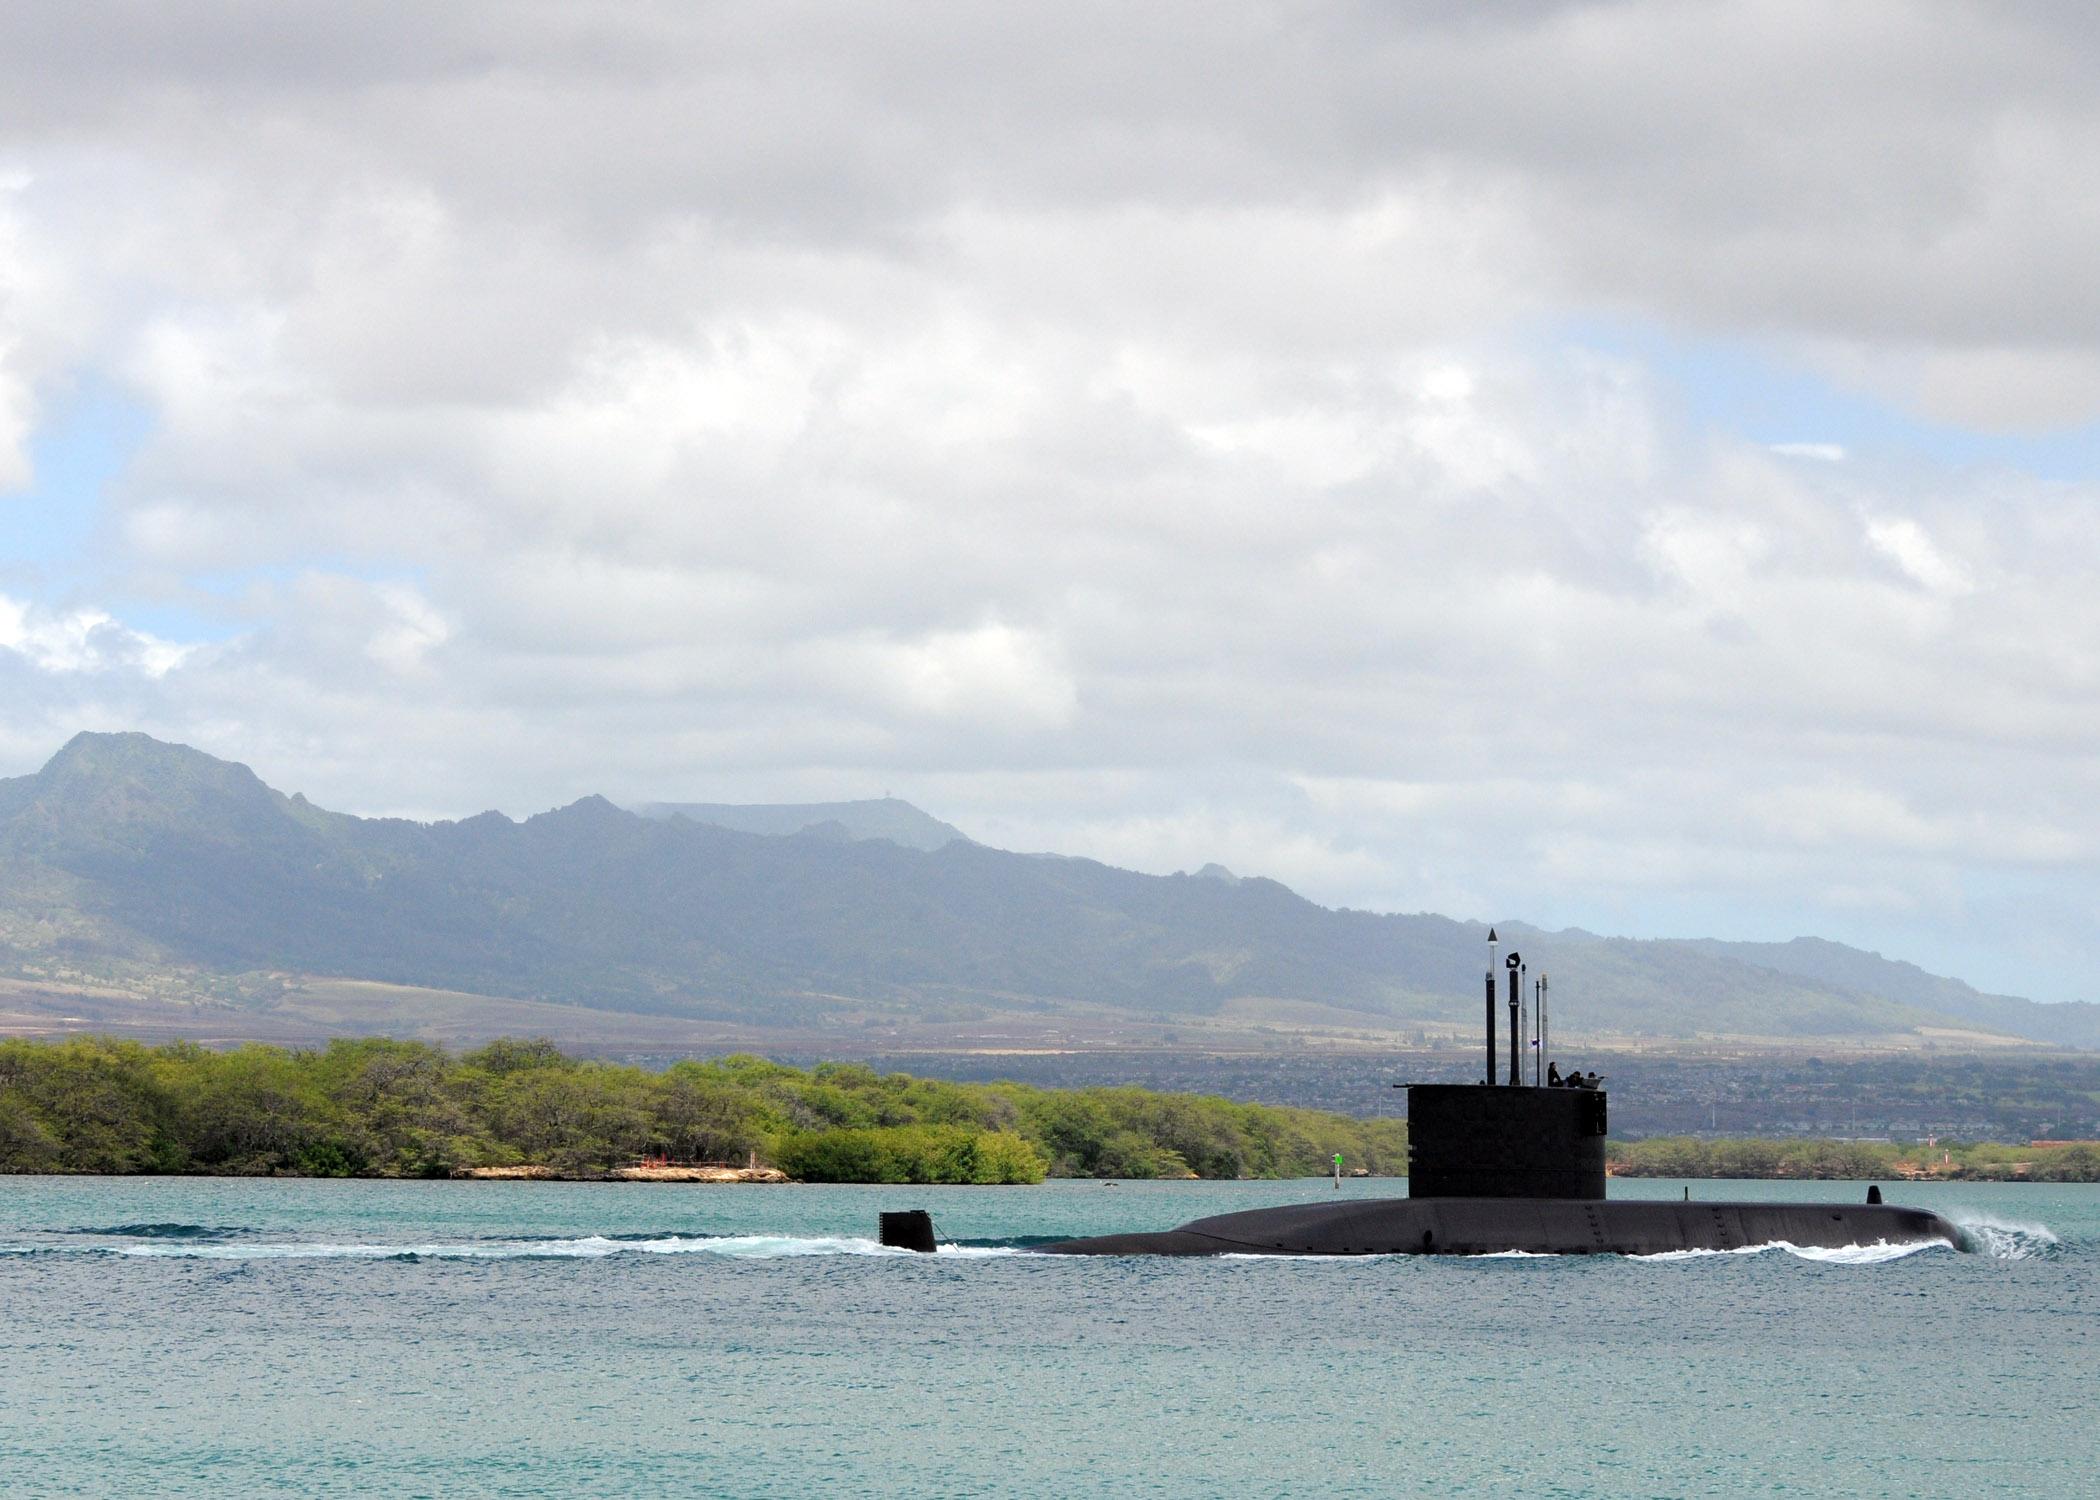 للنقاش : مالذي فعلته 5 مليار دولار لاندونيسيا ؟ US_Navy_100730-N-8539M-213_The_Republic_of_Korea_Navy_Chang_Bogo-class_submarine_ROKS_Lee_Eokgi_(SS_071)_returns_to_Joint_Base_Pearl_Harbor-Hickam_after_participating_in_Rim_of_the_Pacific_(RIMPAC)_2010_exercises